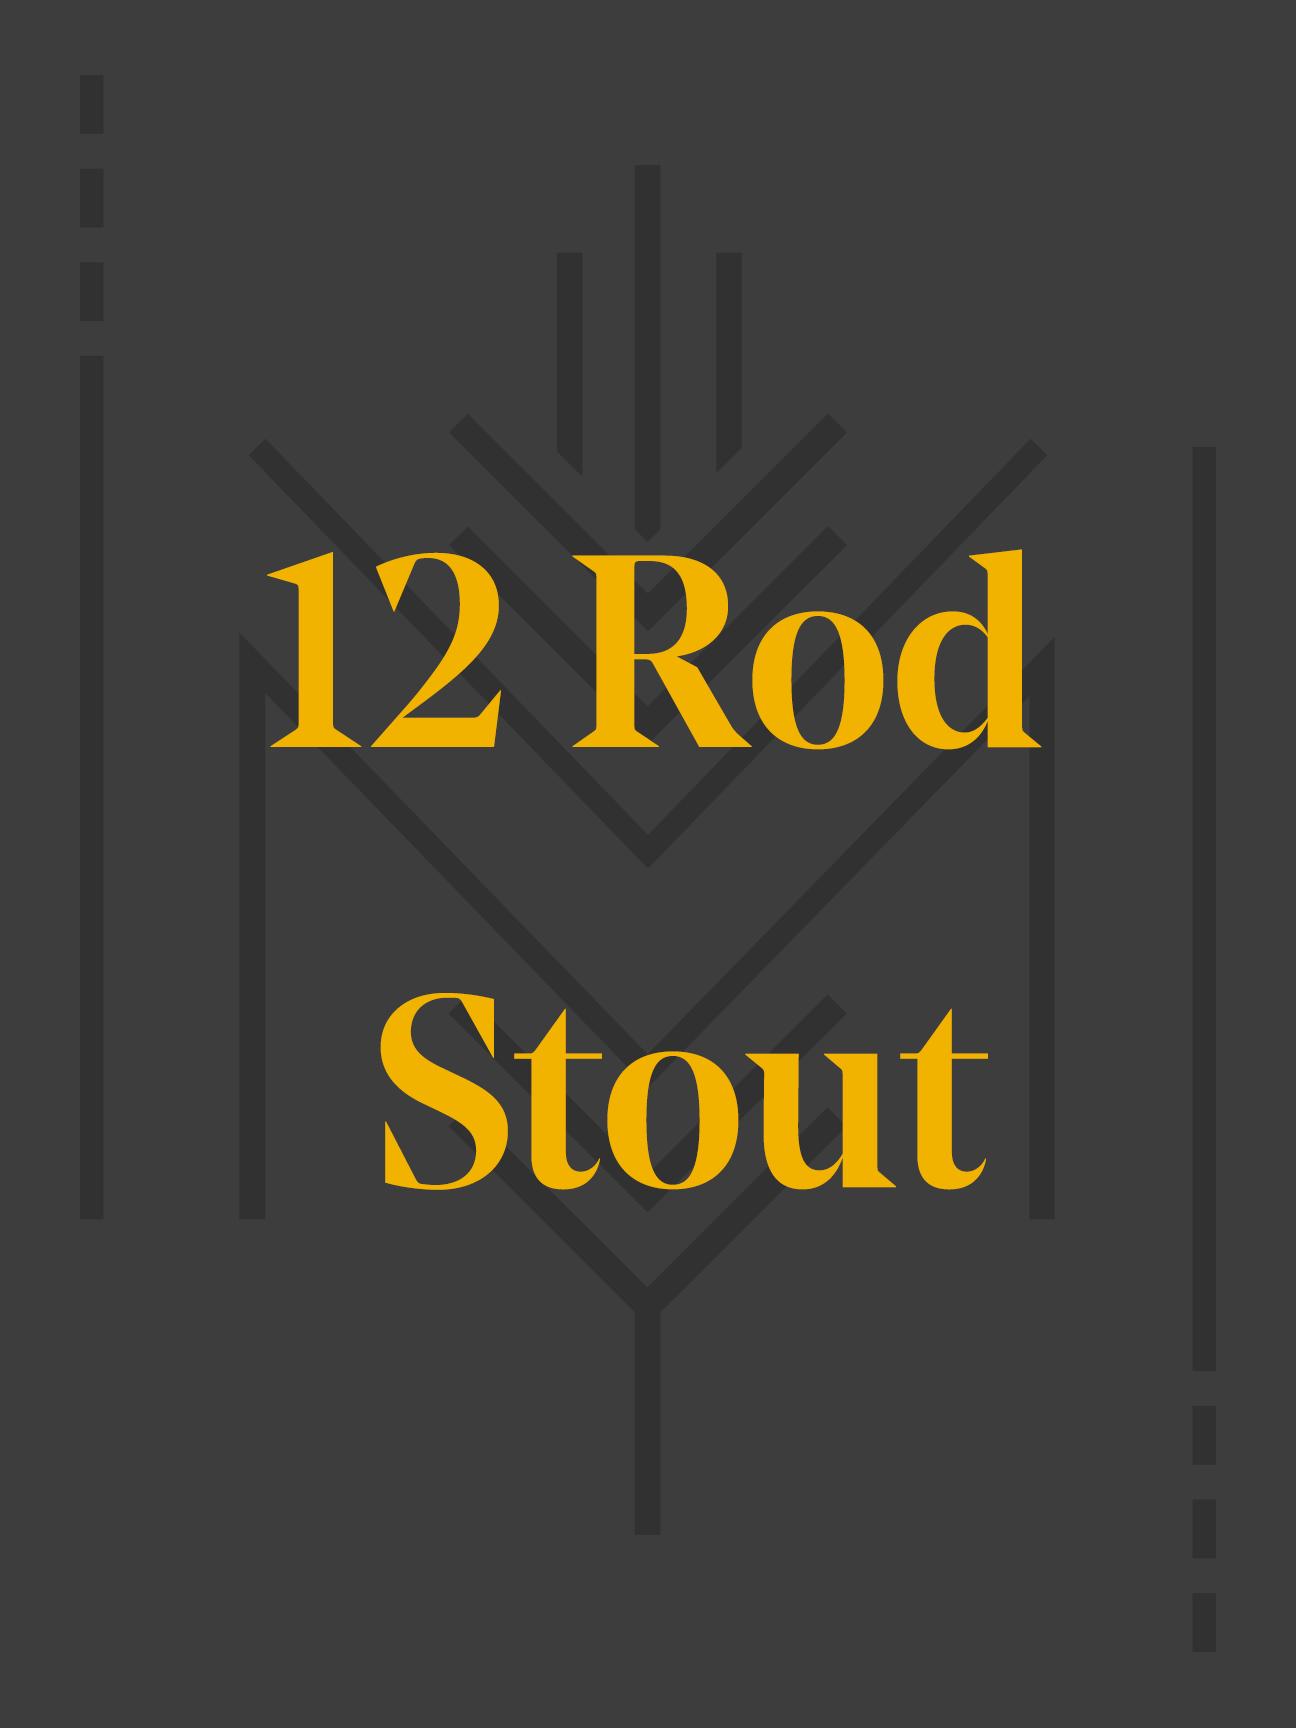 12RodStout.png